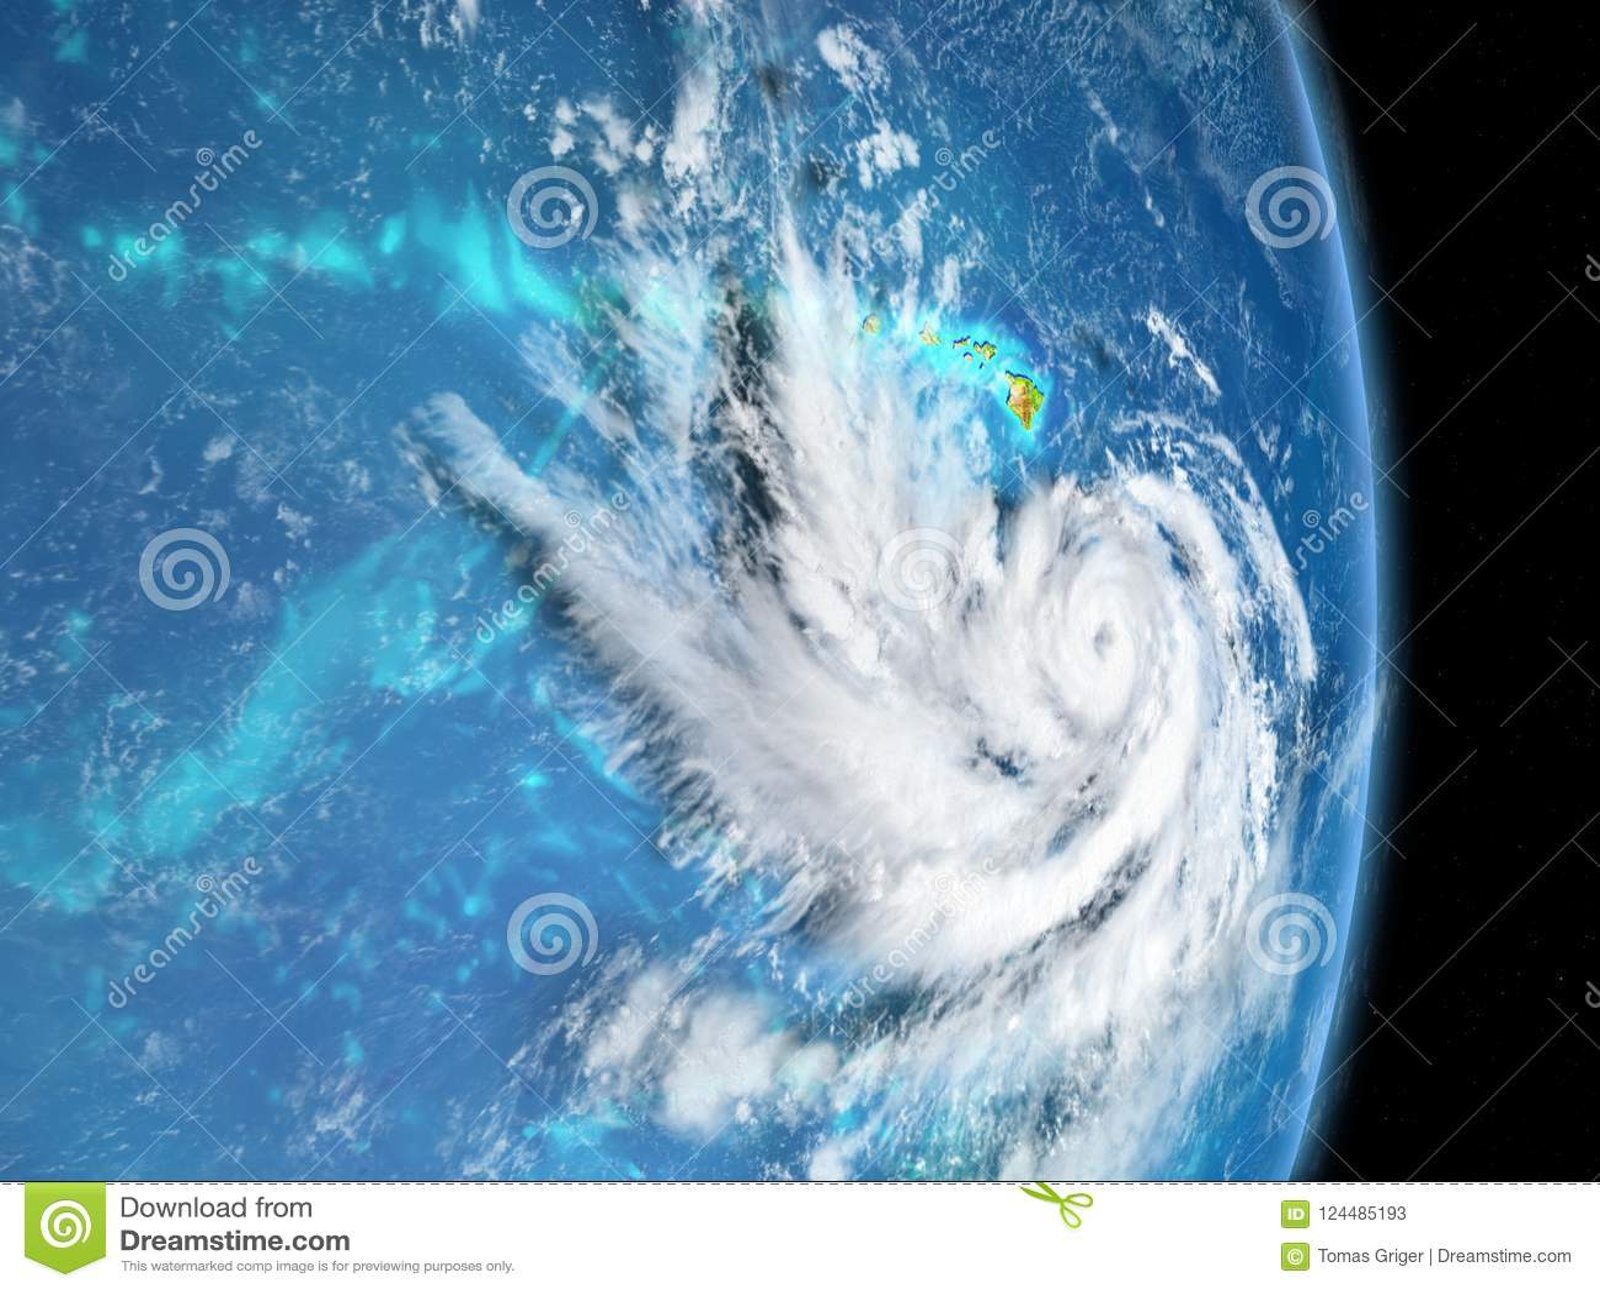 Pista do furacão